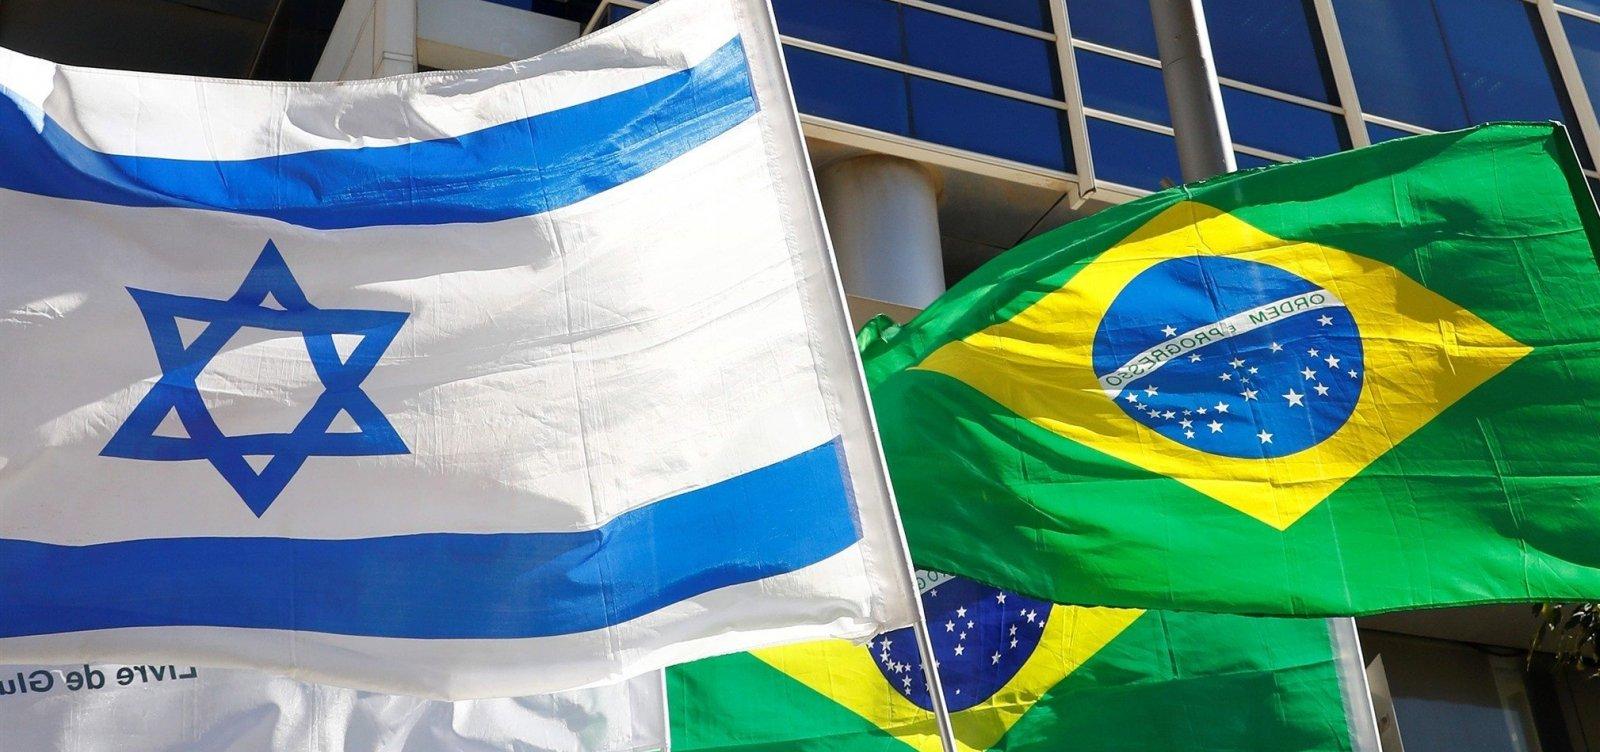 Egito cancela visita de comitiva brasileira após declarações de Bolsonaro